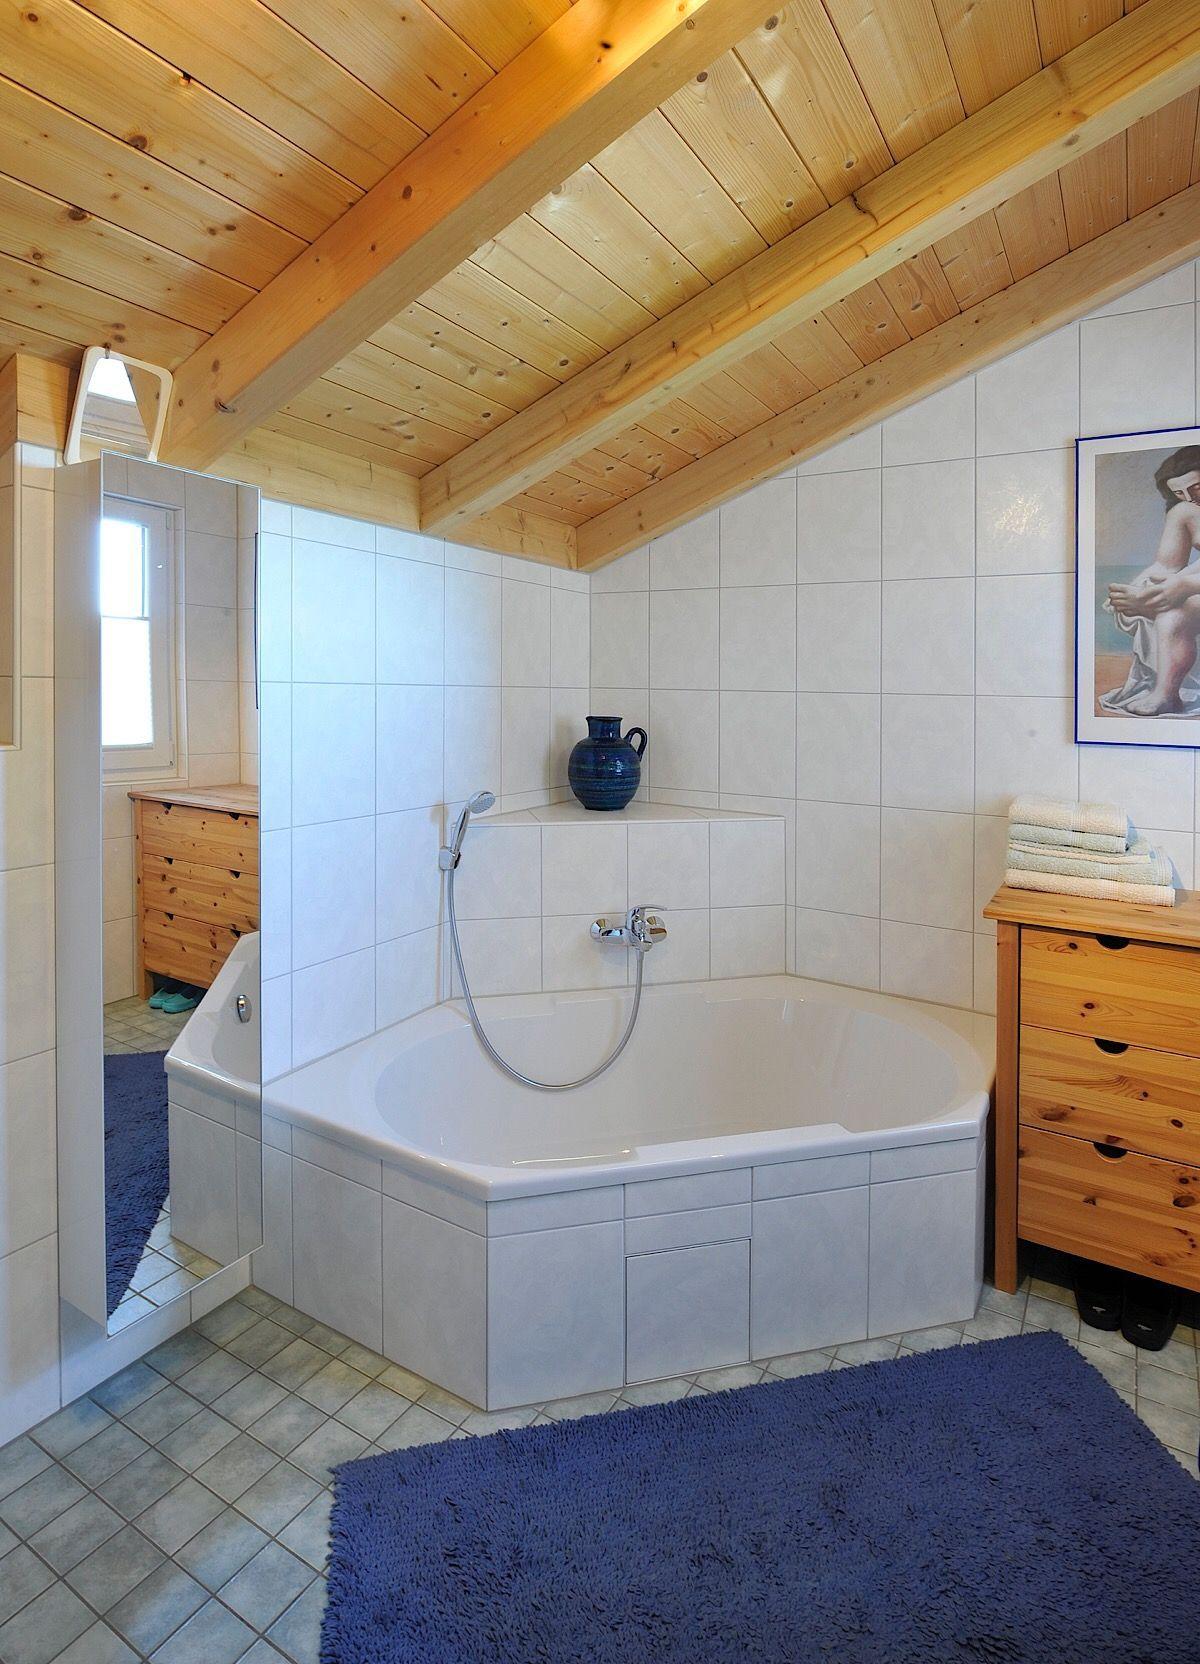 Badezimmer mit Dachschräge, Holzbalken Decke & Eckbadewanne ...